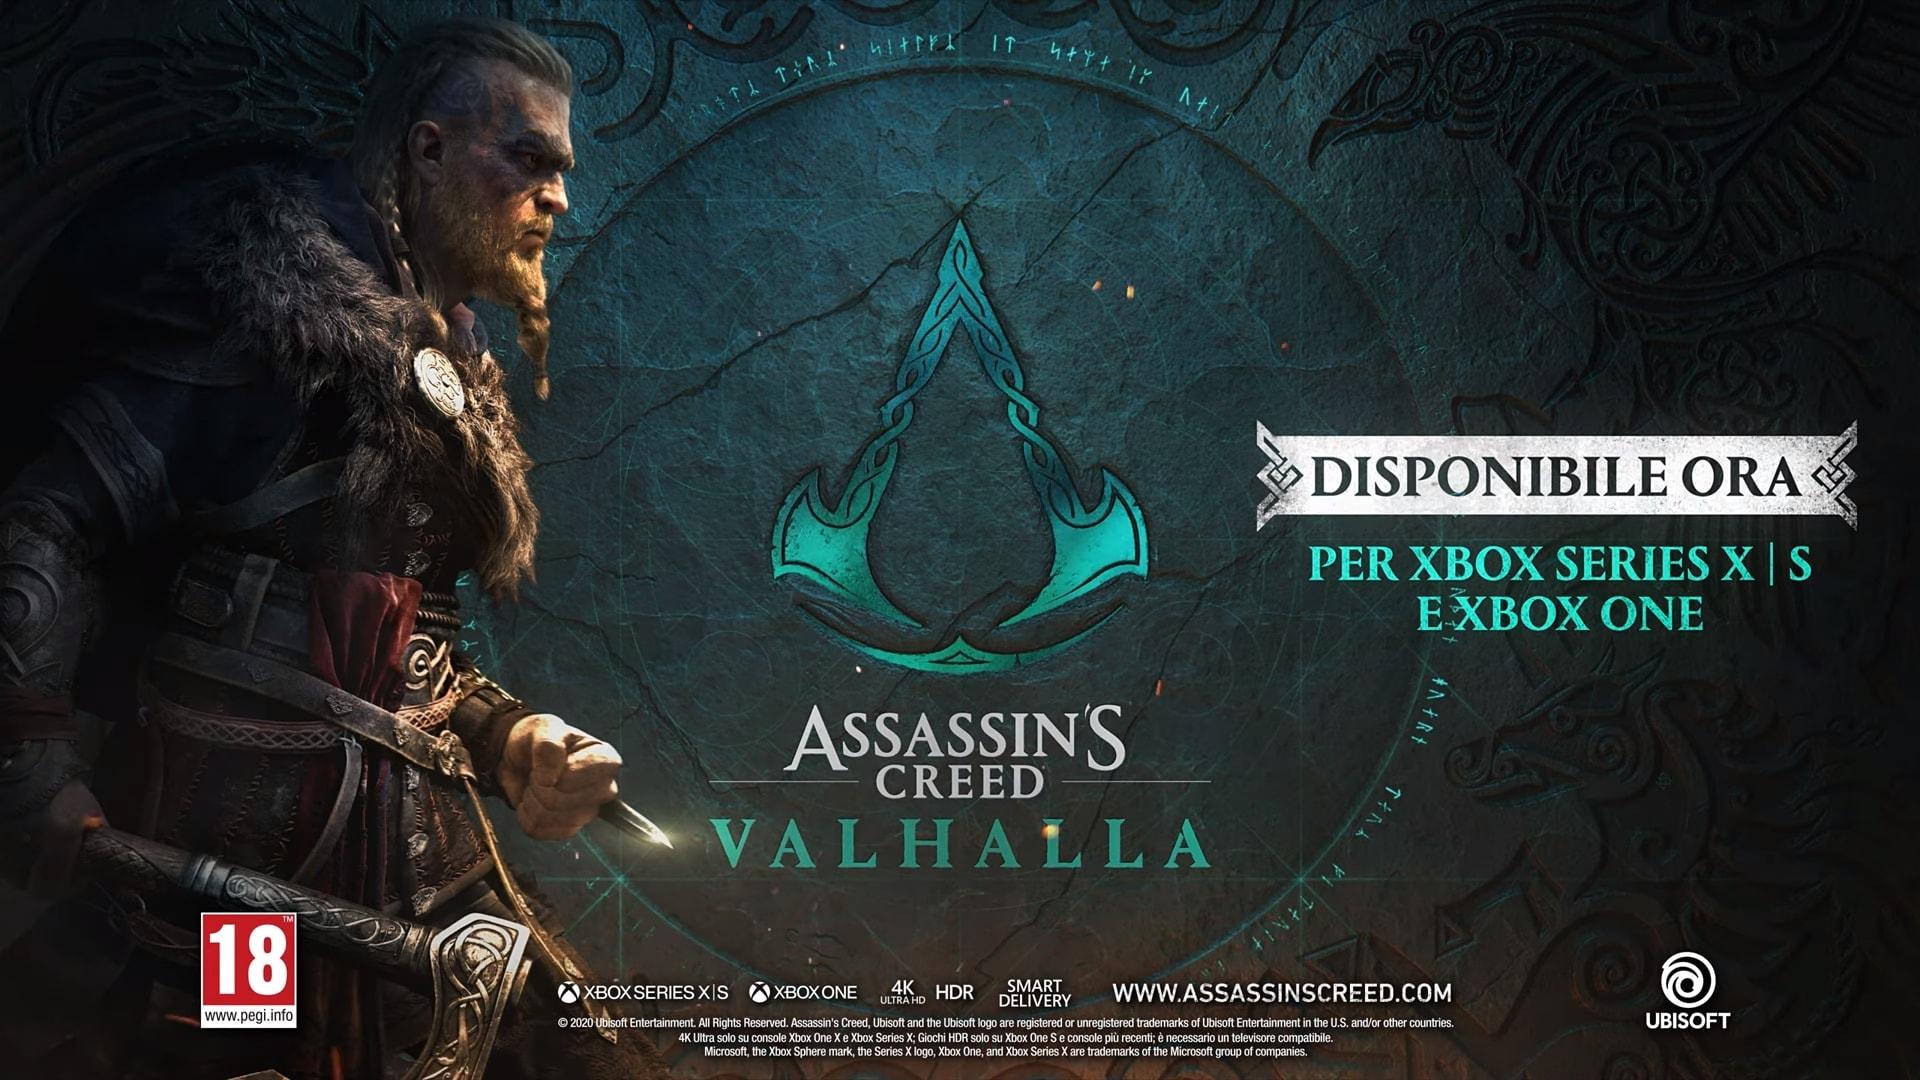 Pronti a scatenare il vichingo che è in voi? Assassin's Creed Valhalla è arrivato! (video)